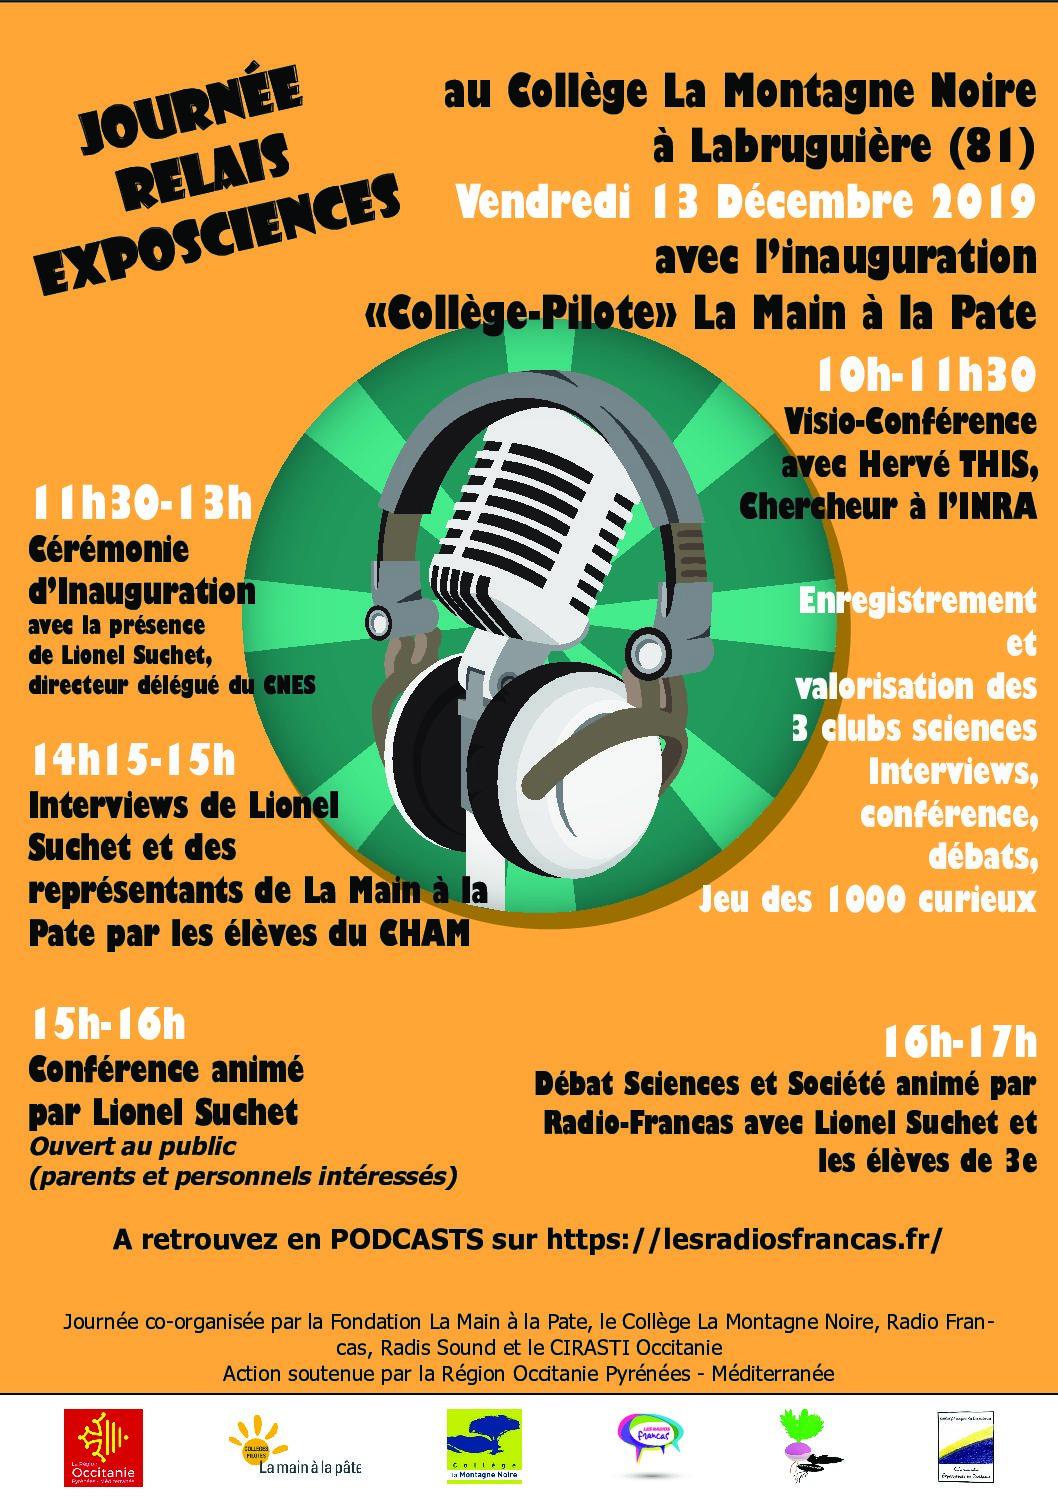 Journée Relais Exposcience et Inauguration Collège-Pilote LAMAP – 13/12/19 à Labruguière (81)